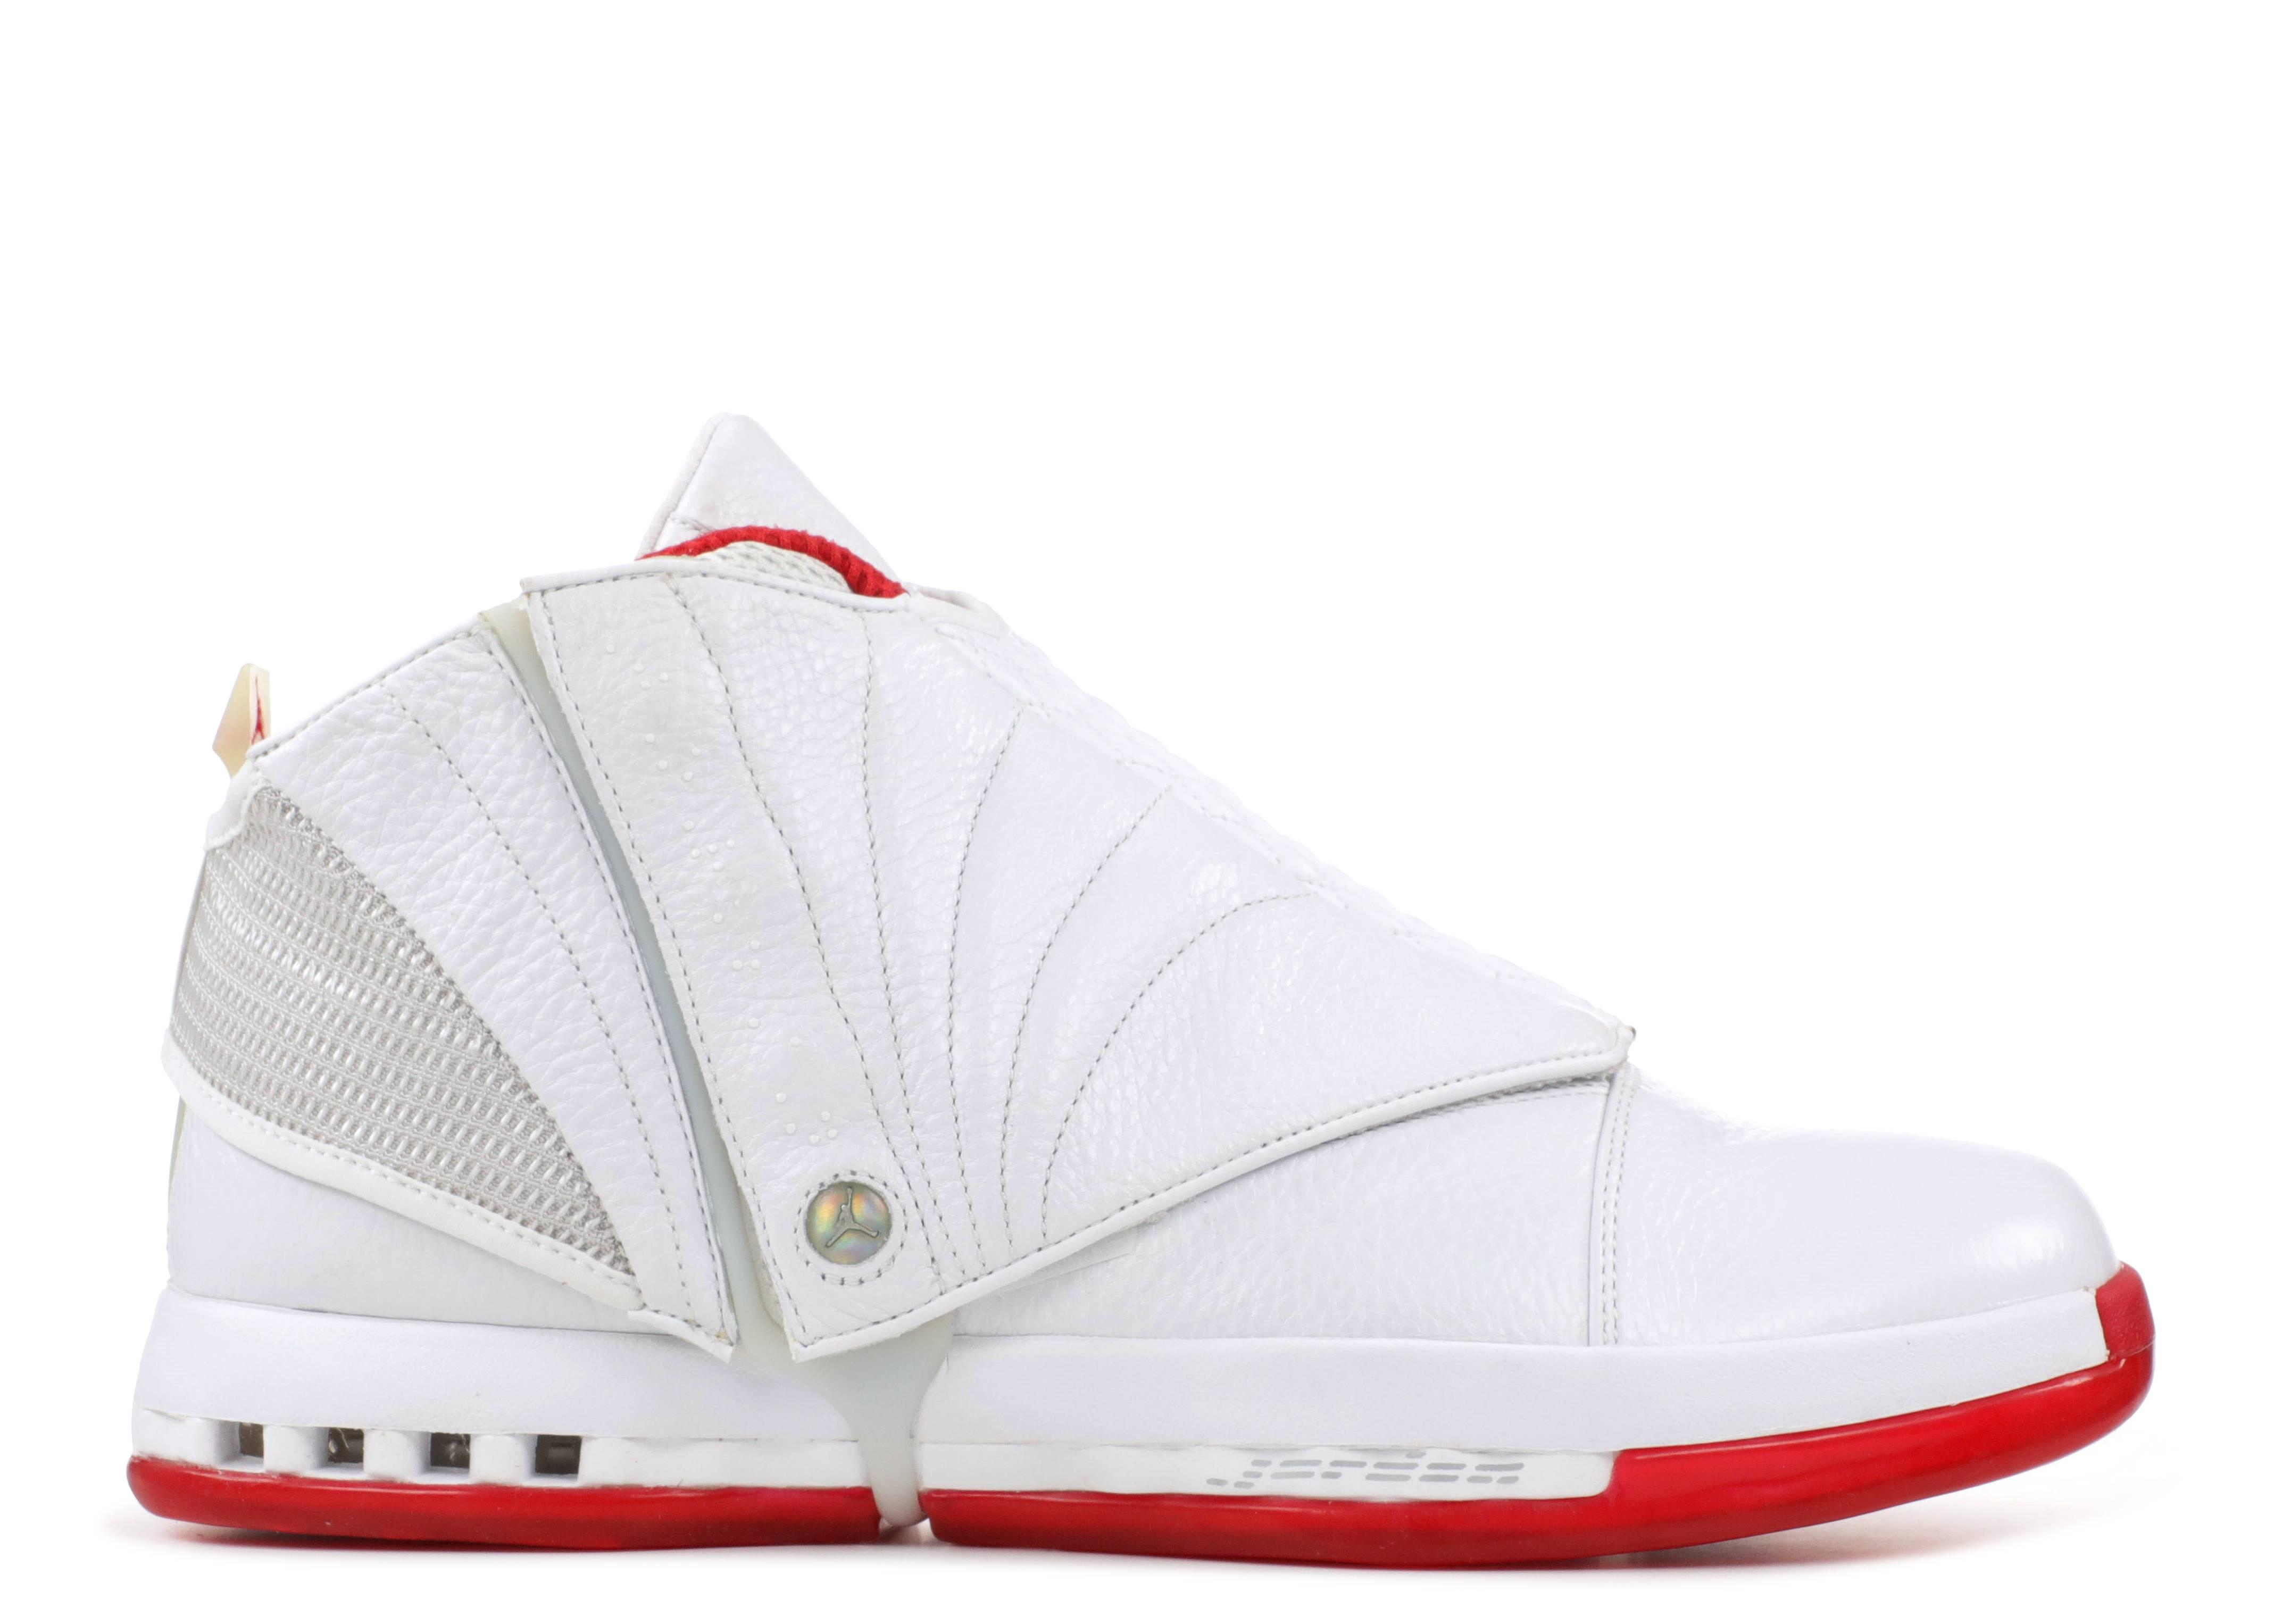 Air Jordan 16 Retro